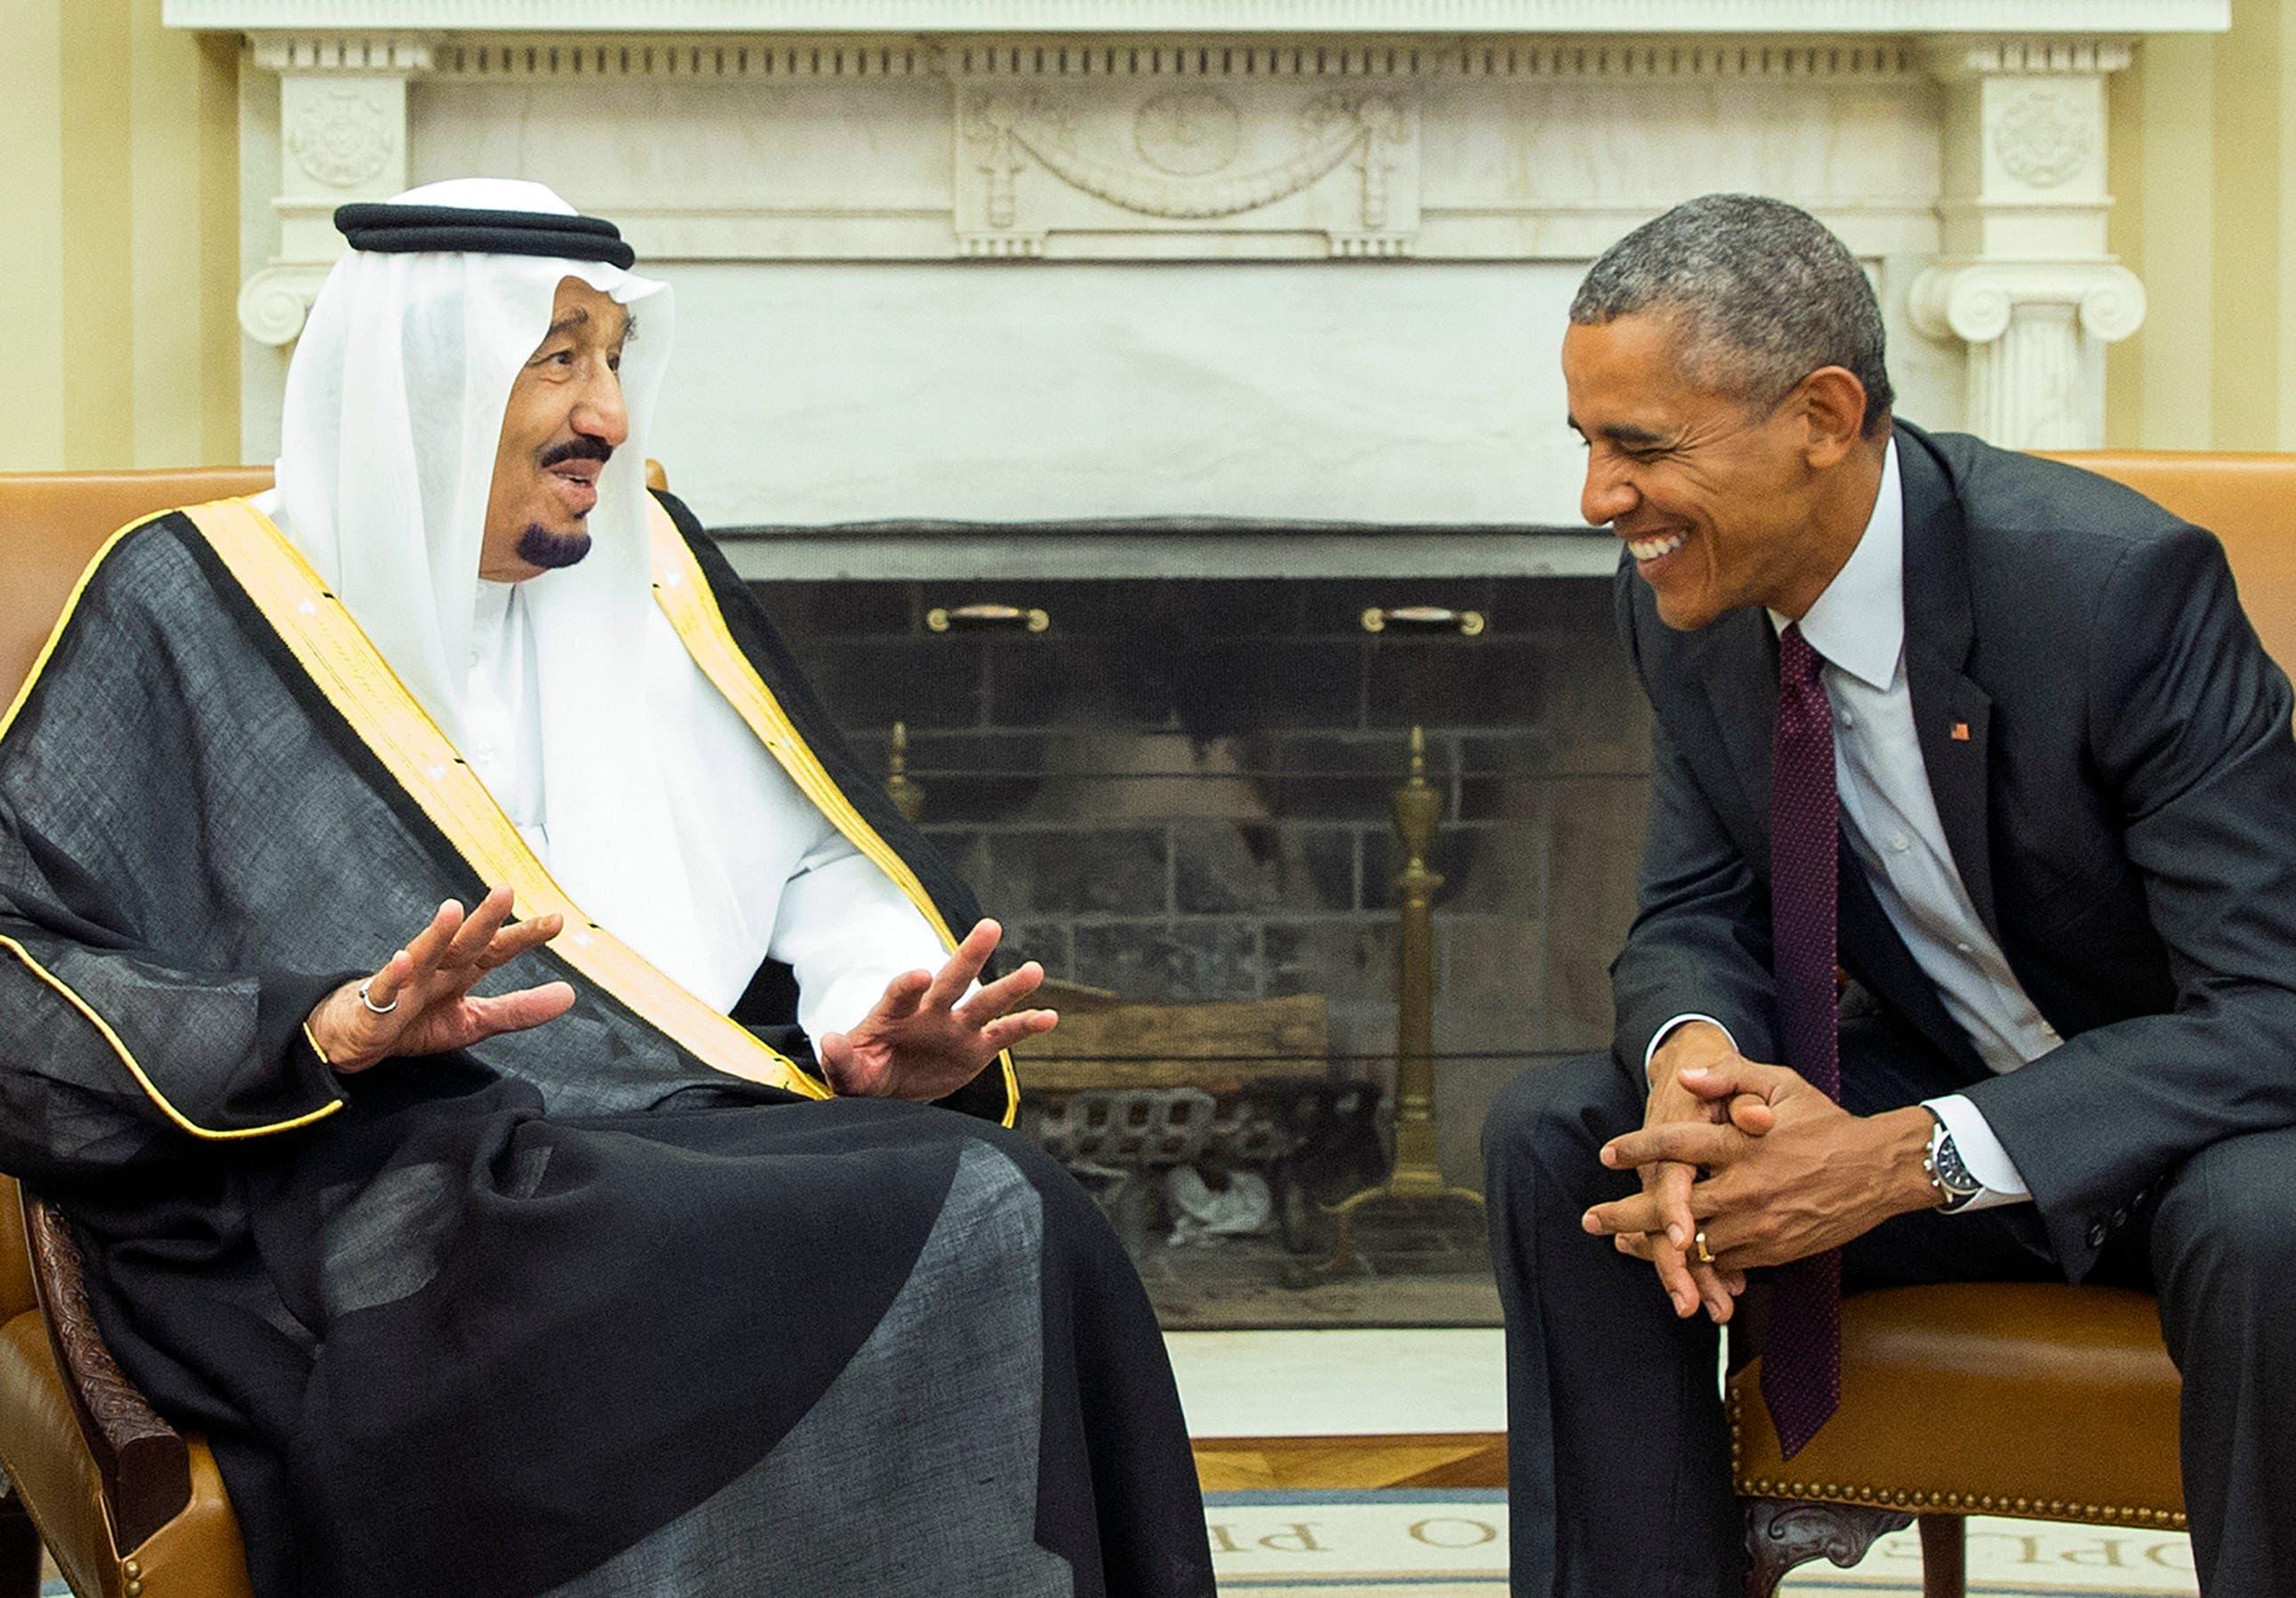 الزعيمان خلال القمة السعودية الأميركية